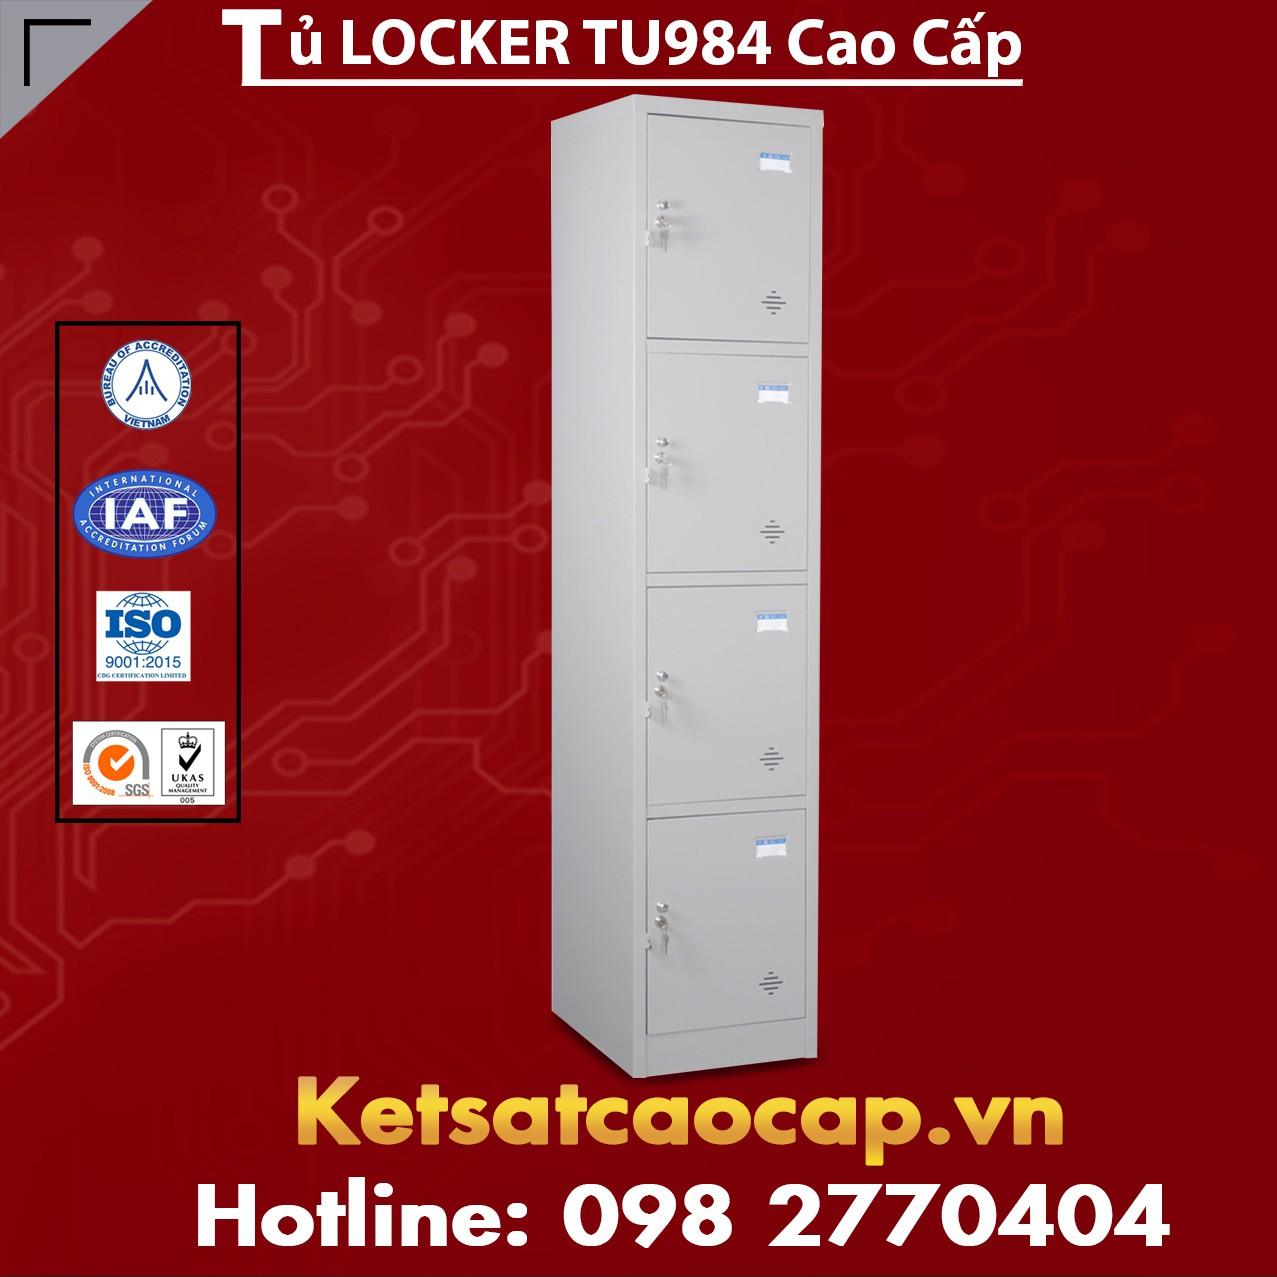 Tủ Locker TU984